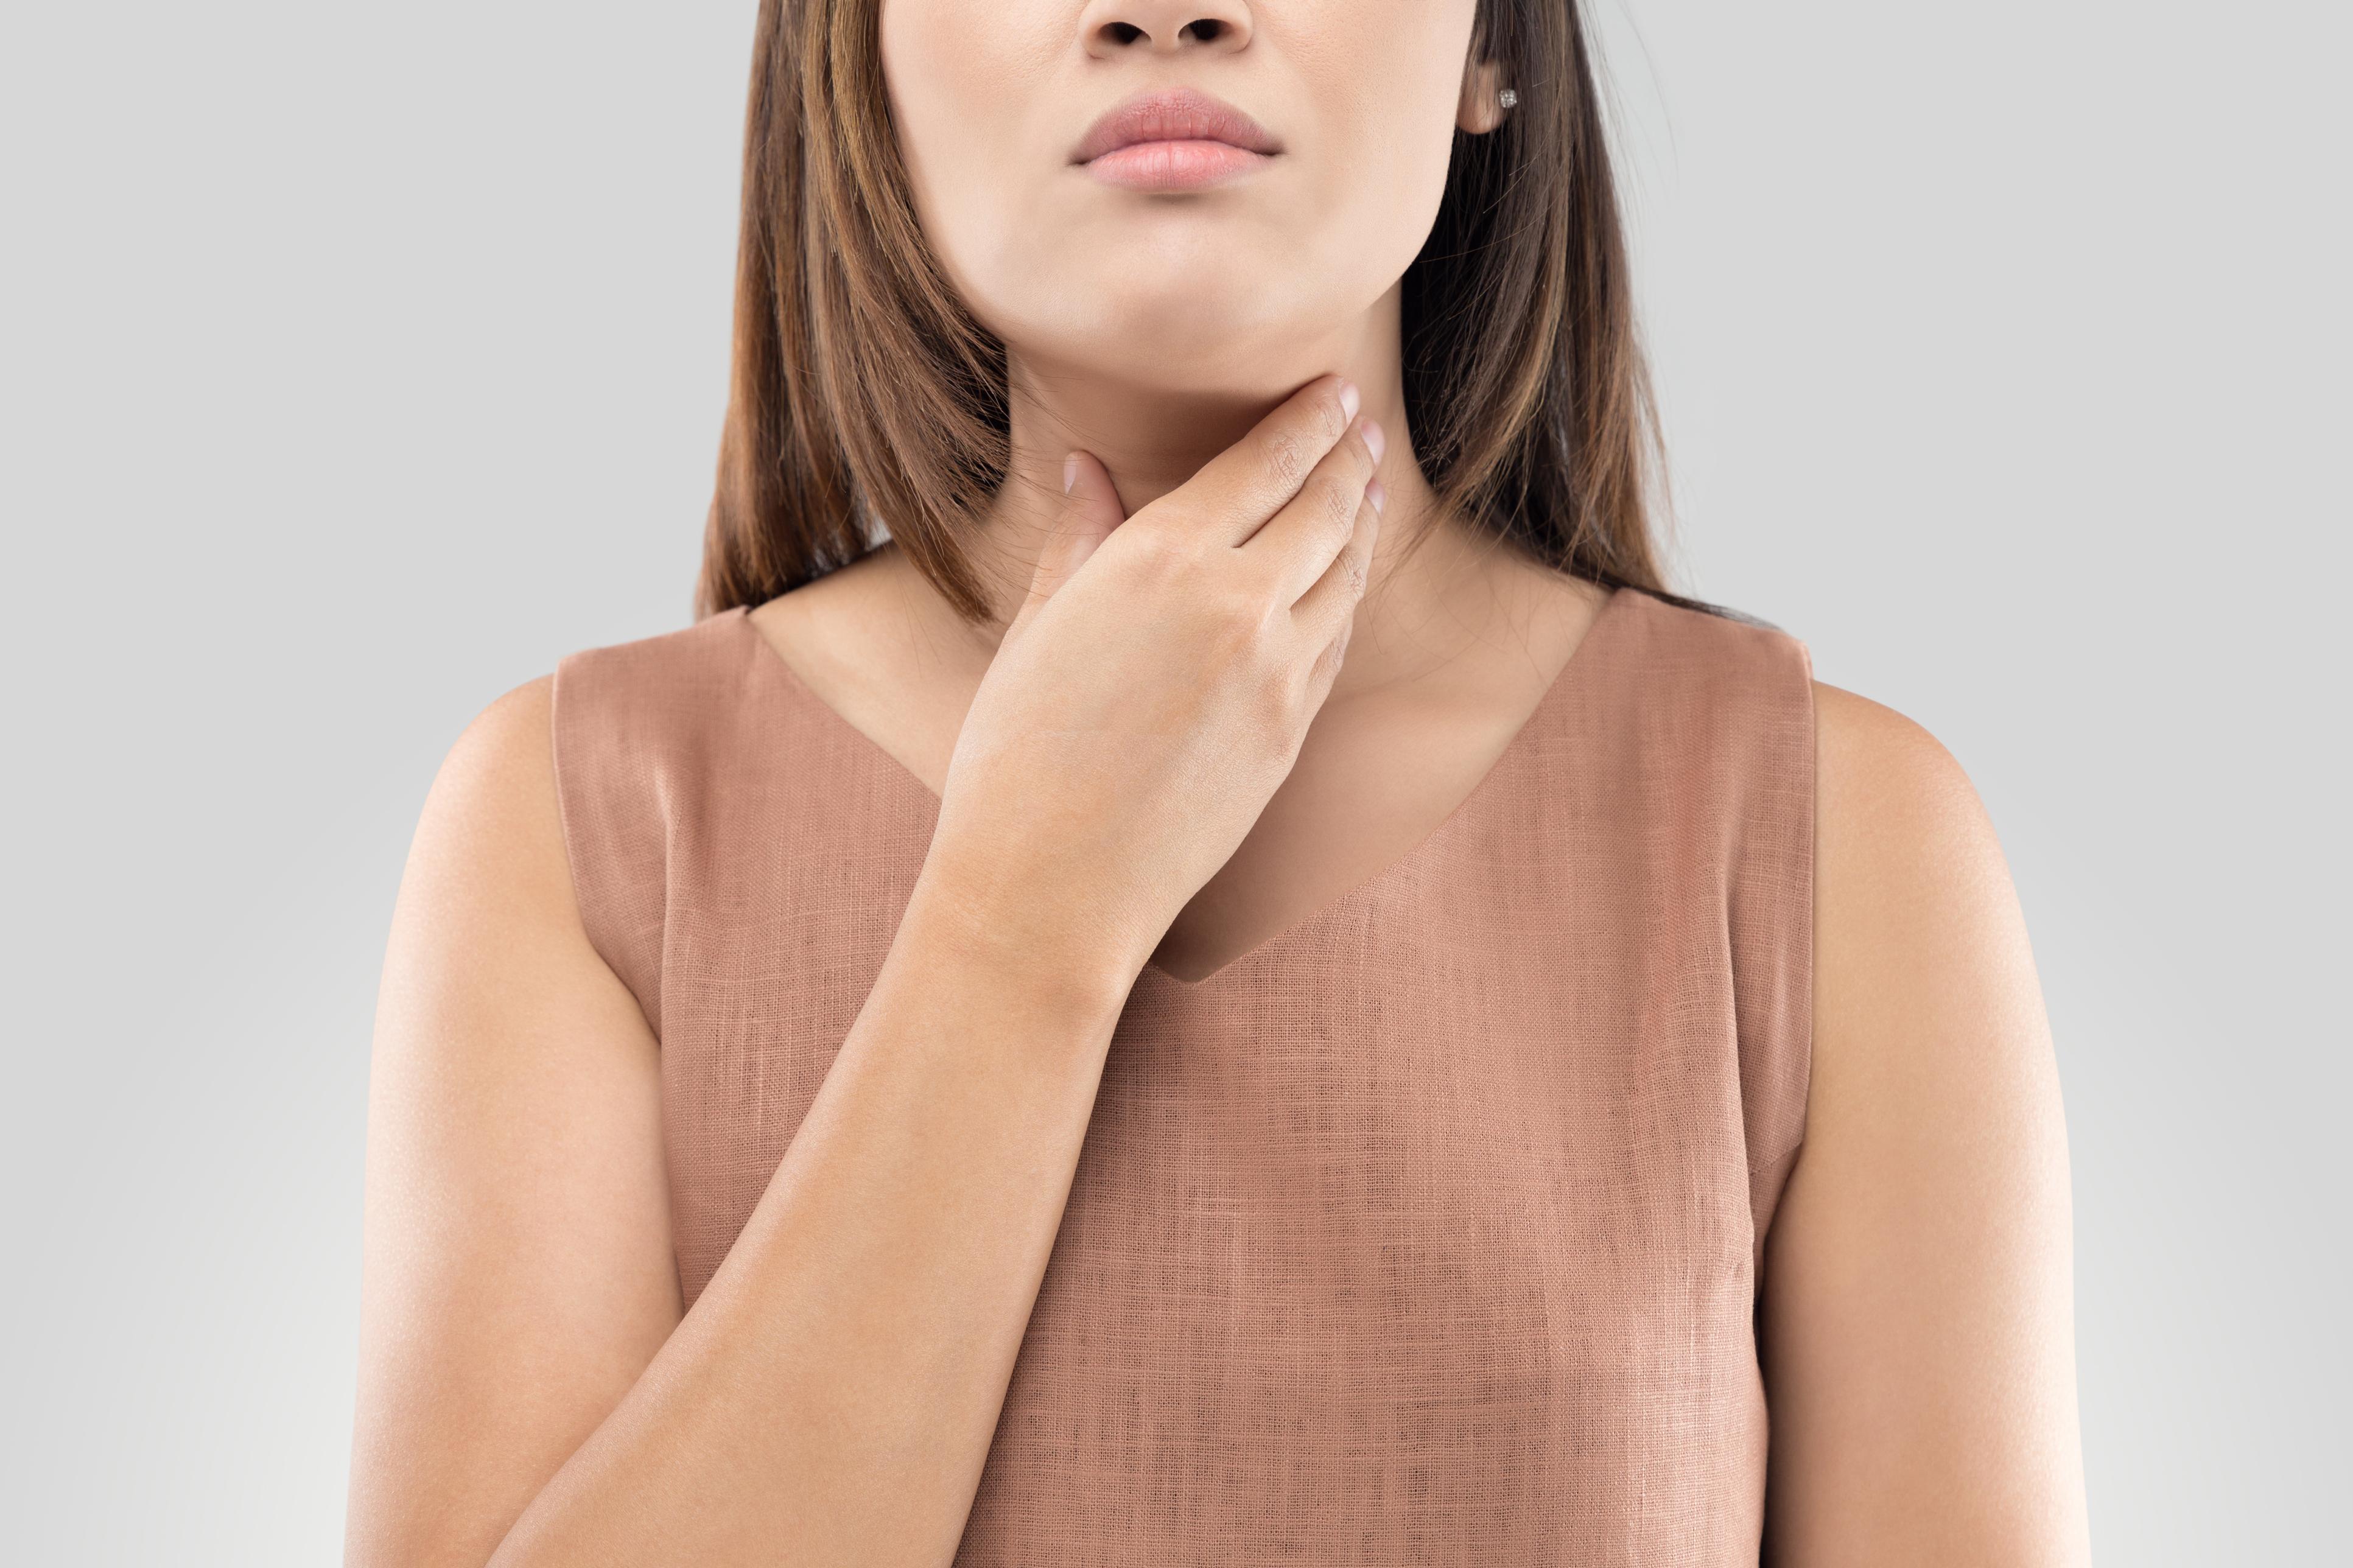 Чому люди відчувають печію і як правильніше її вилікувати